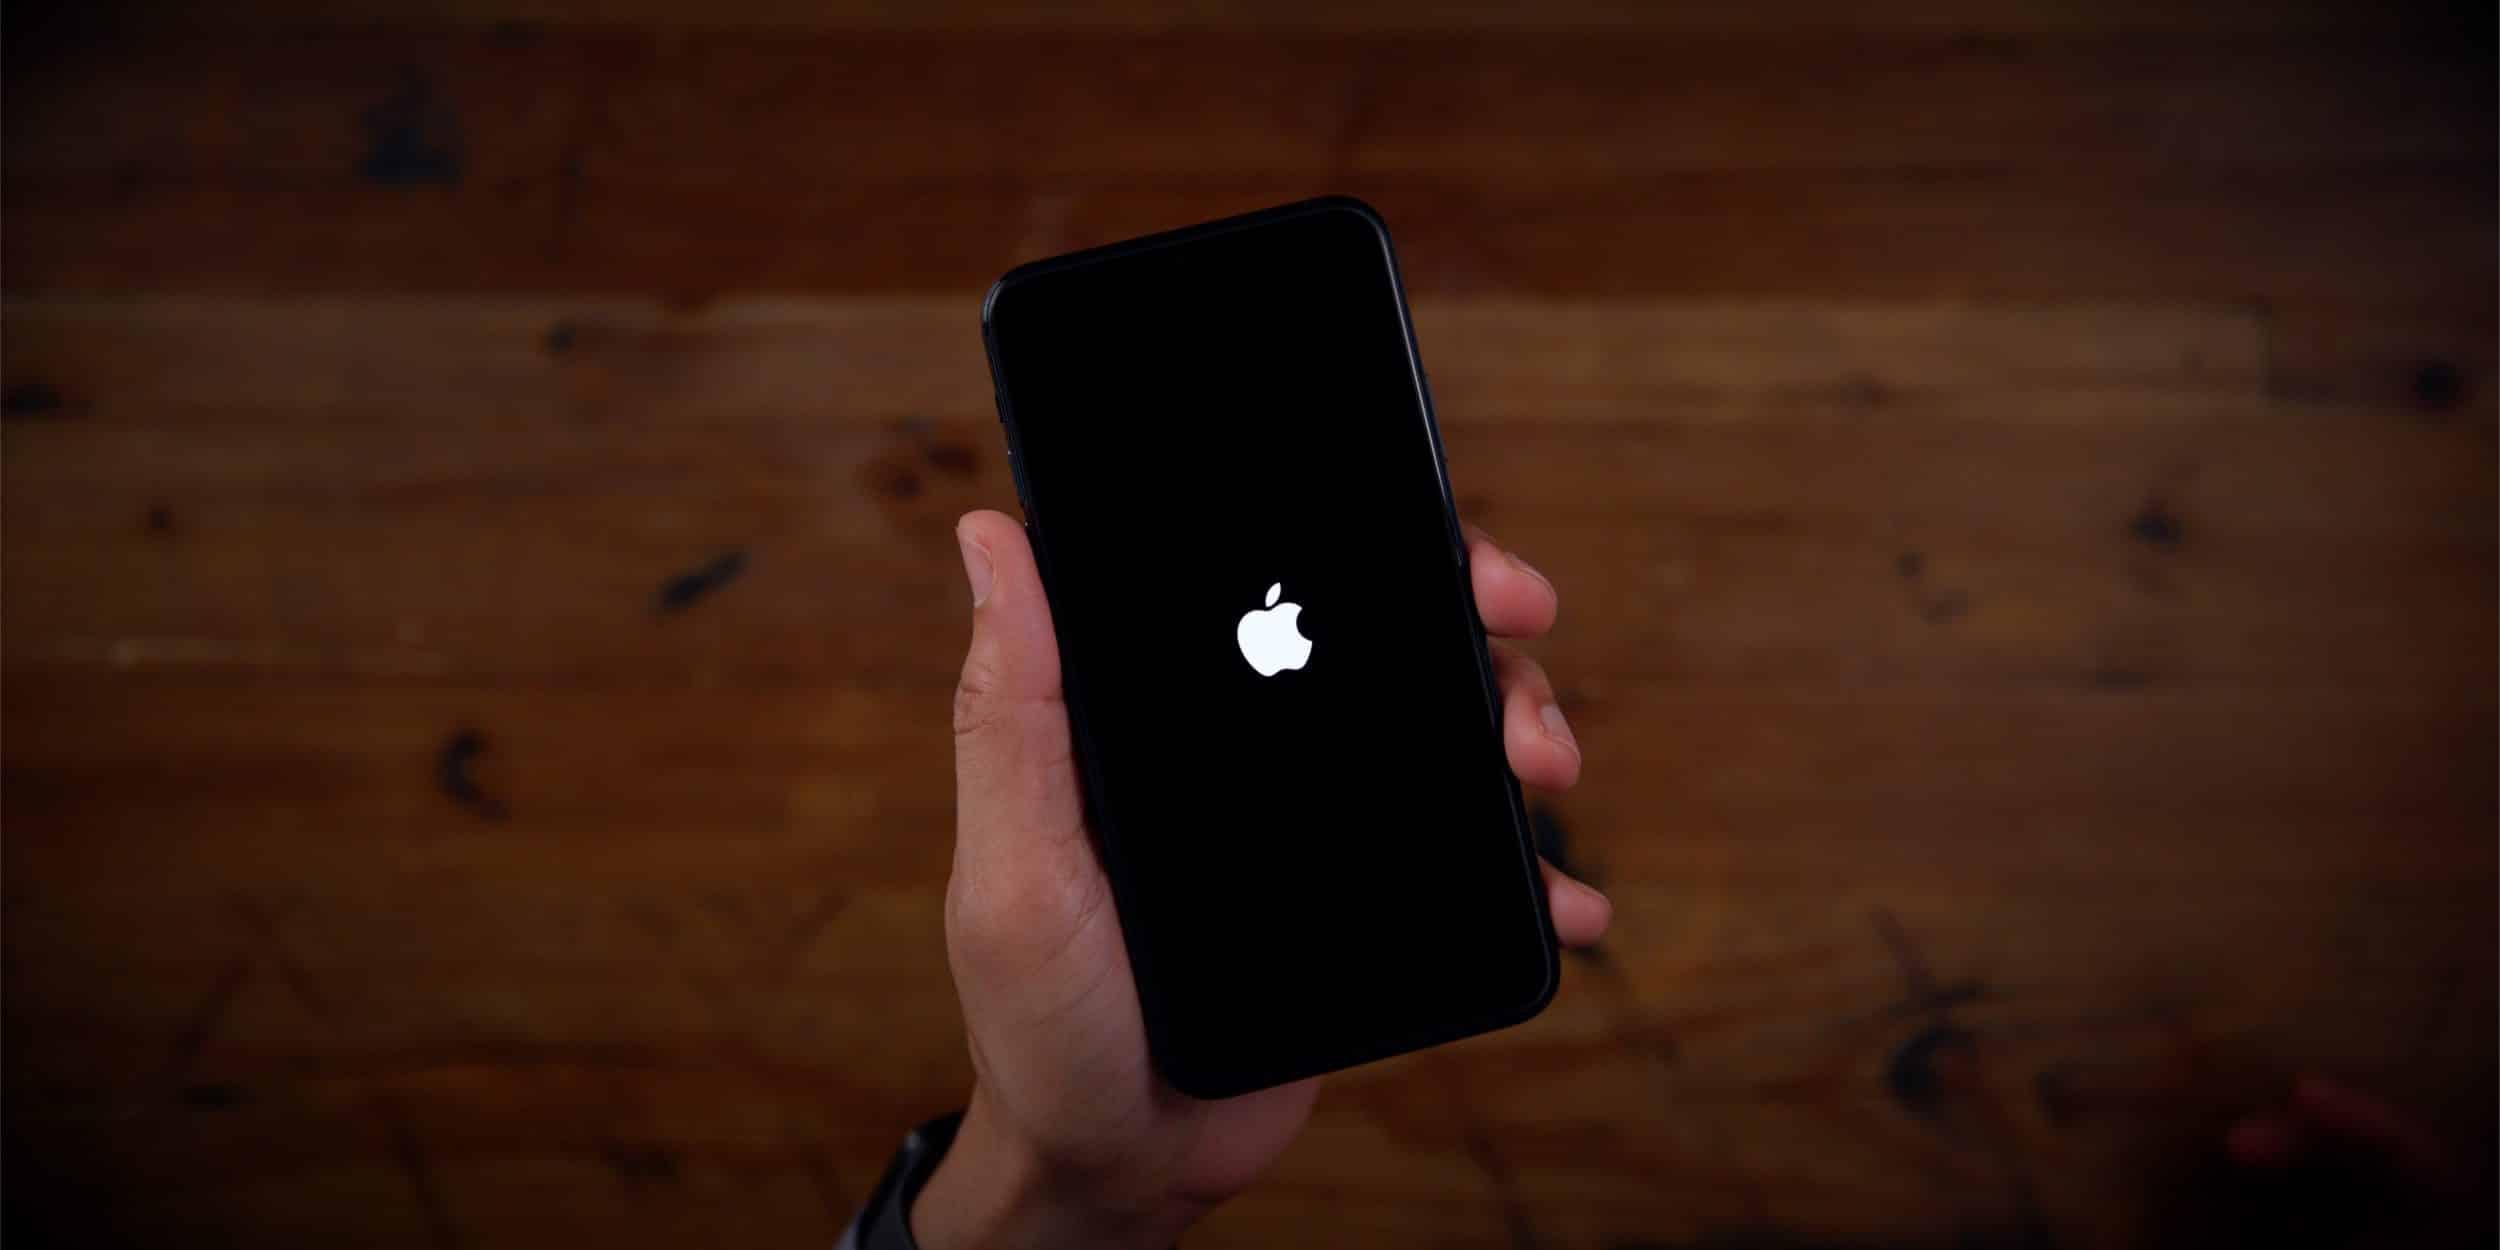 iPadOS and iOS 13.4.5